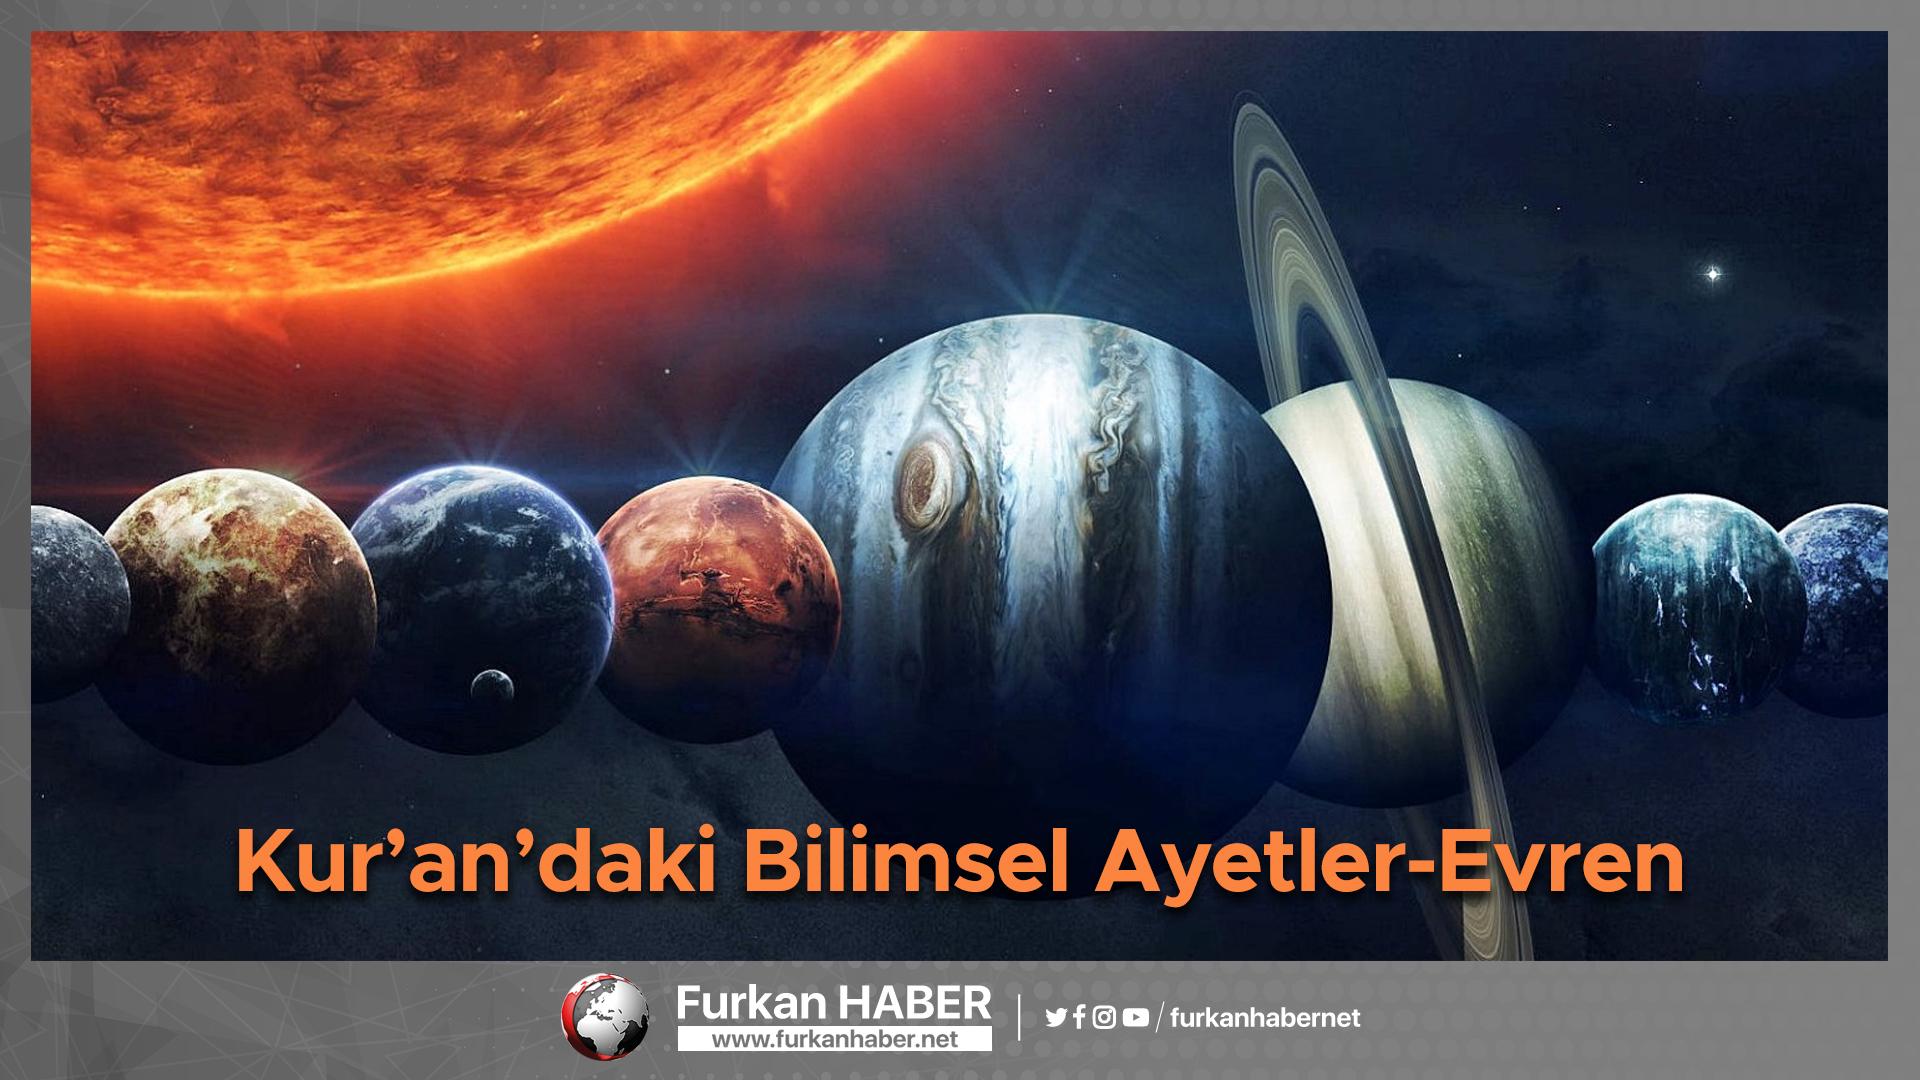 Kur'an'daki Bilimsel Ayetler-Evren